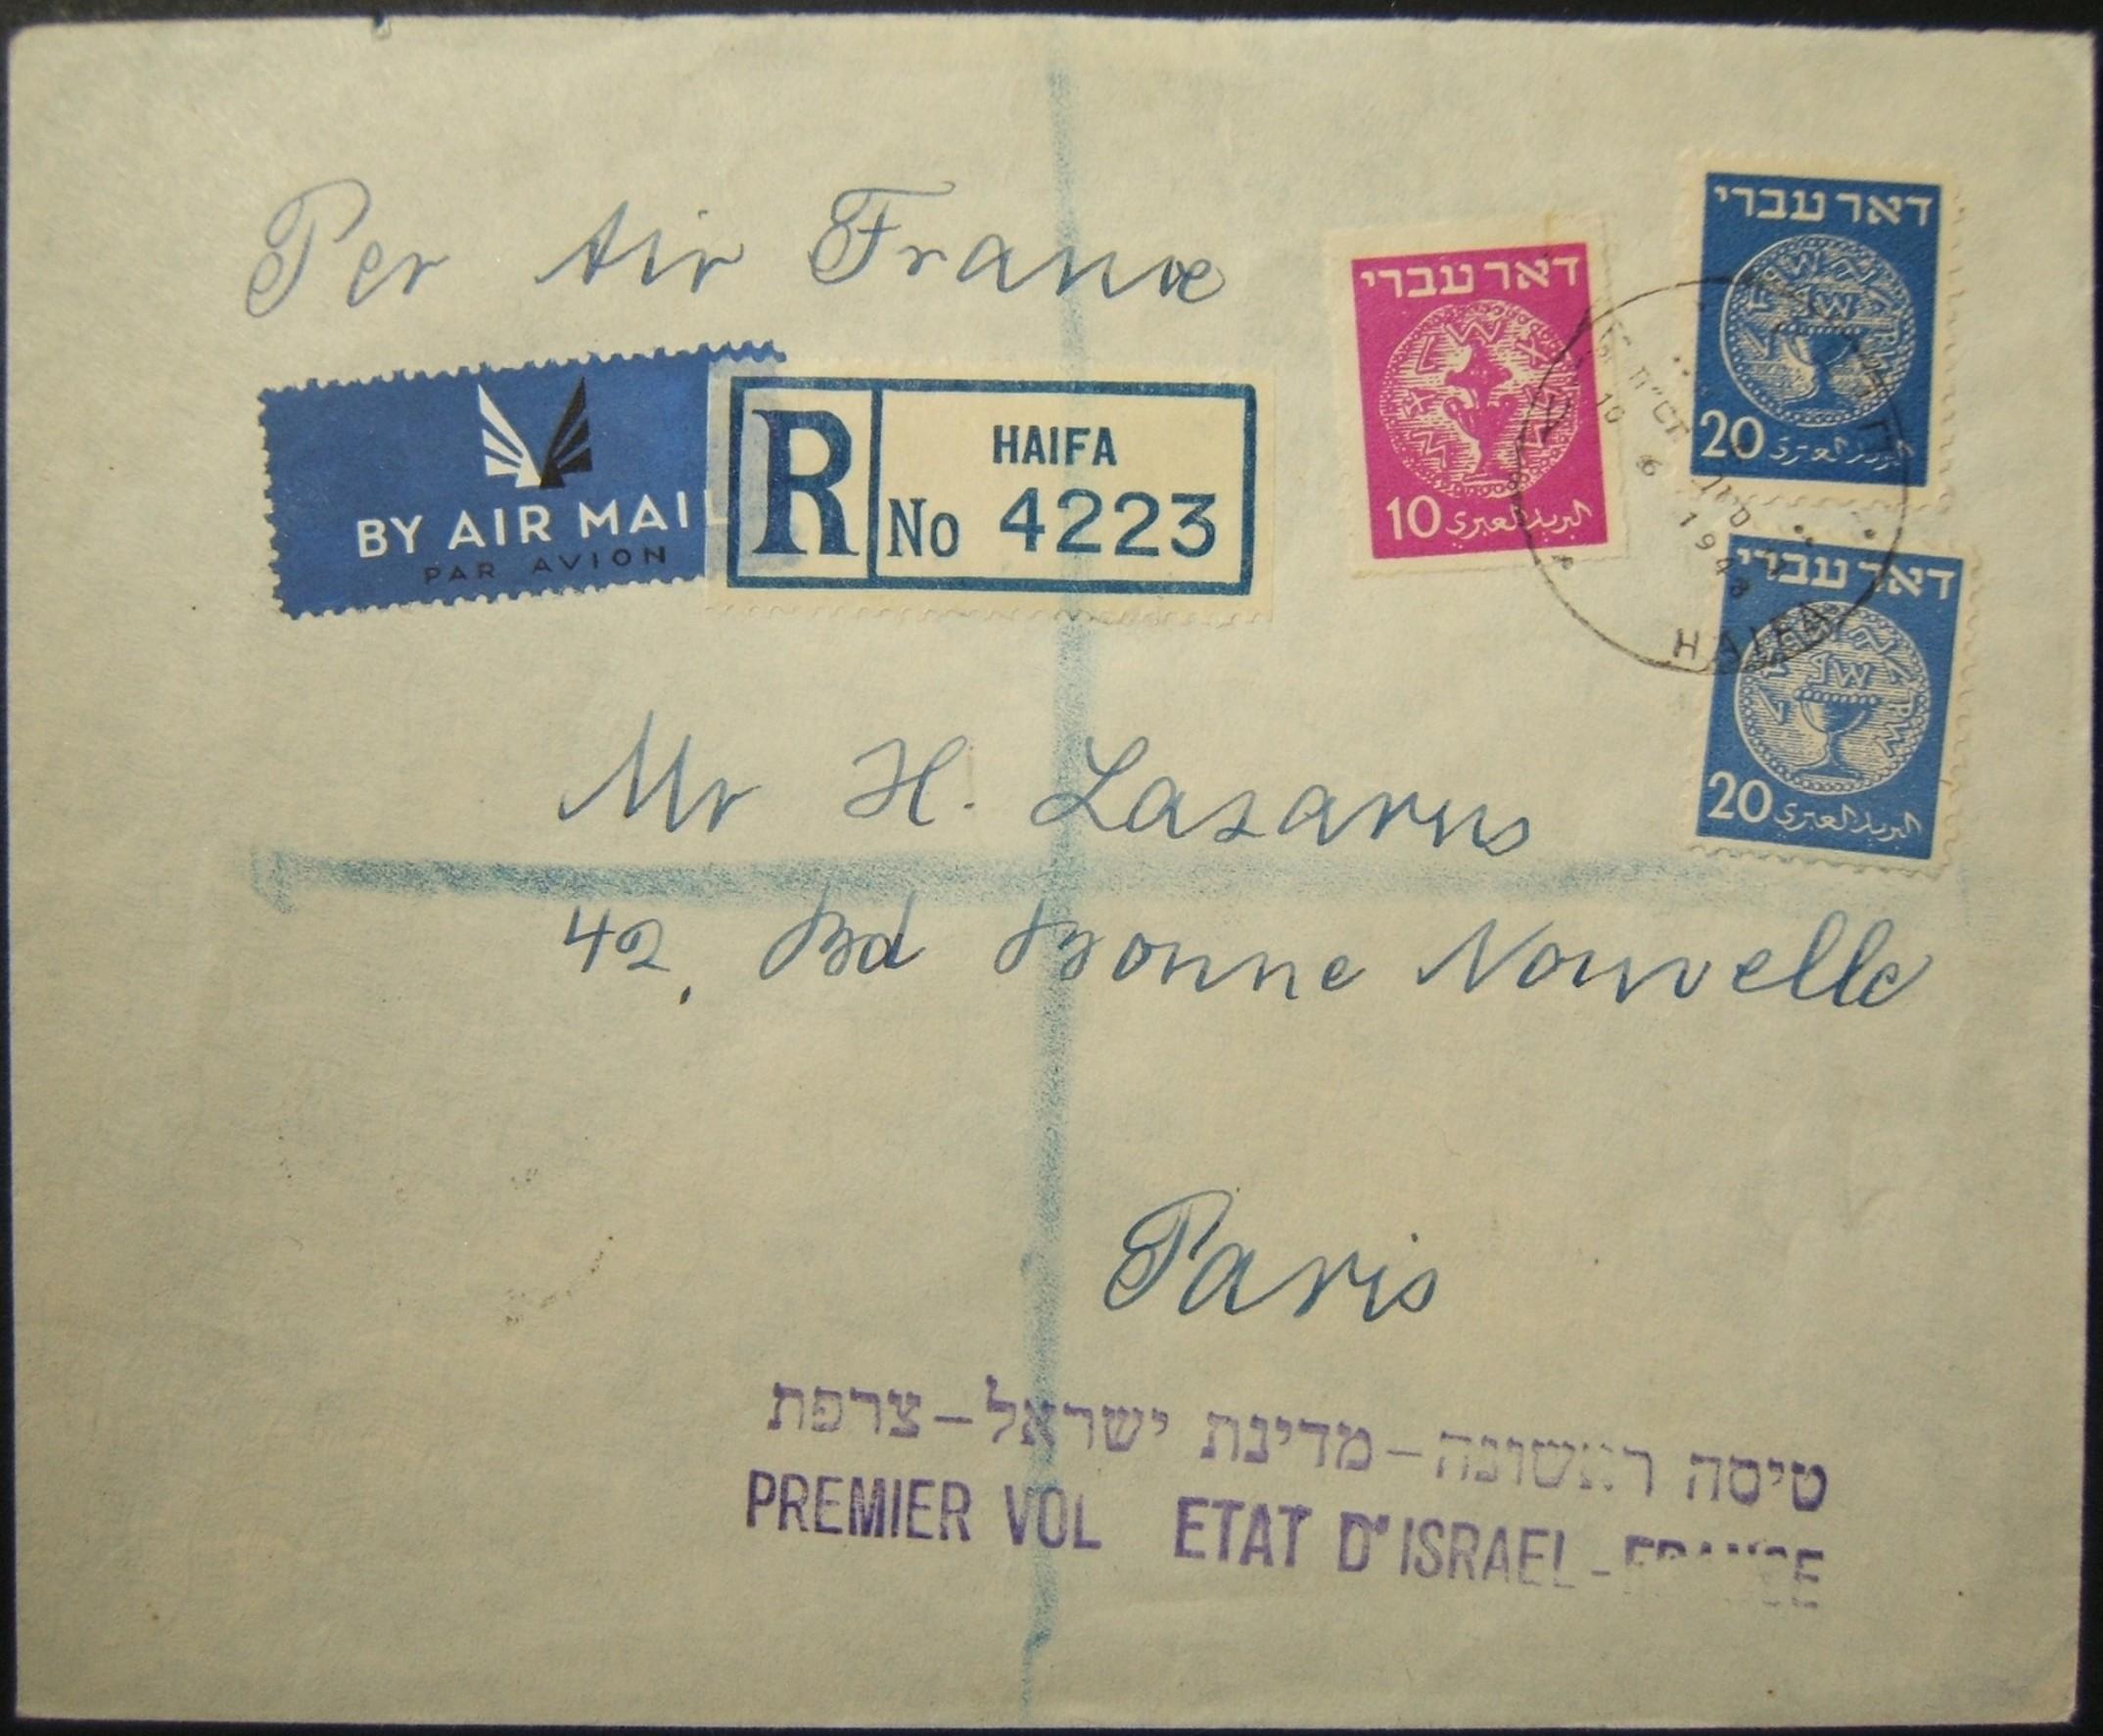 10-6-1948 بريدًا مسجلاً من رحلة الخطوط الجوية الفرنسية الأولى إلى باريس ؛ الاختلاط المختلط franking